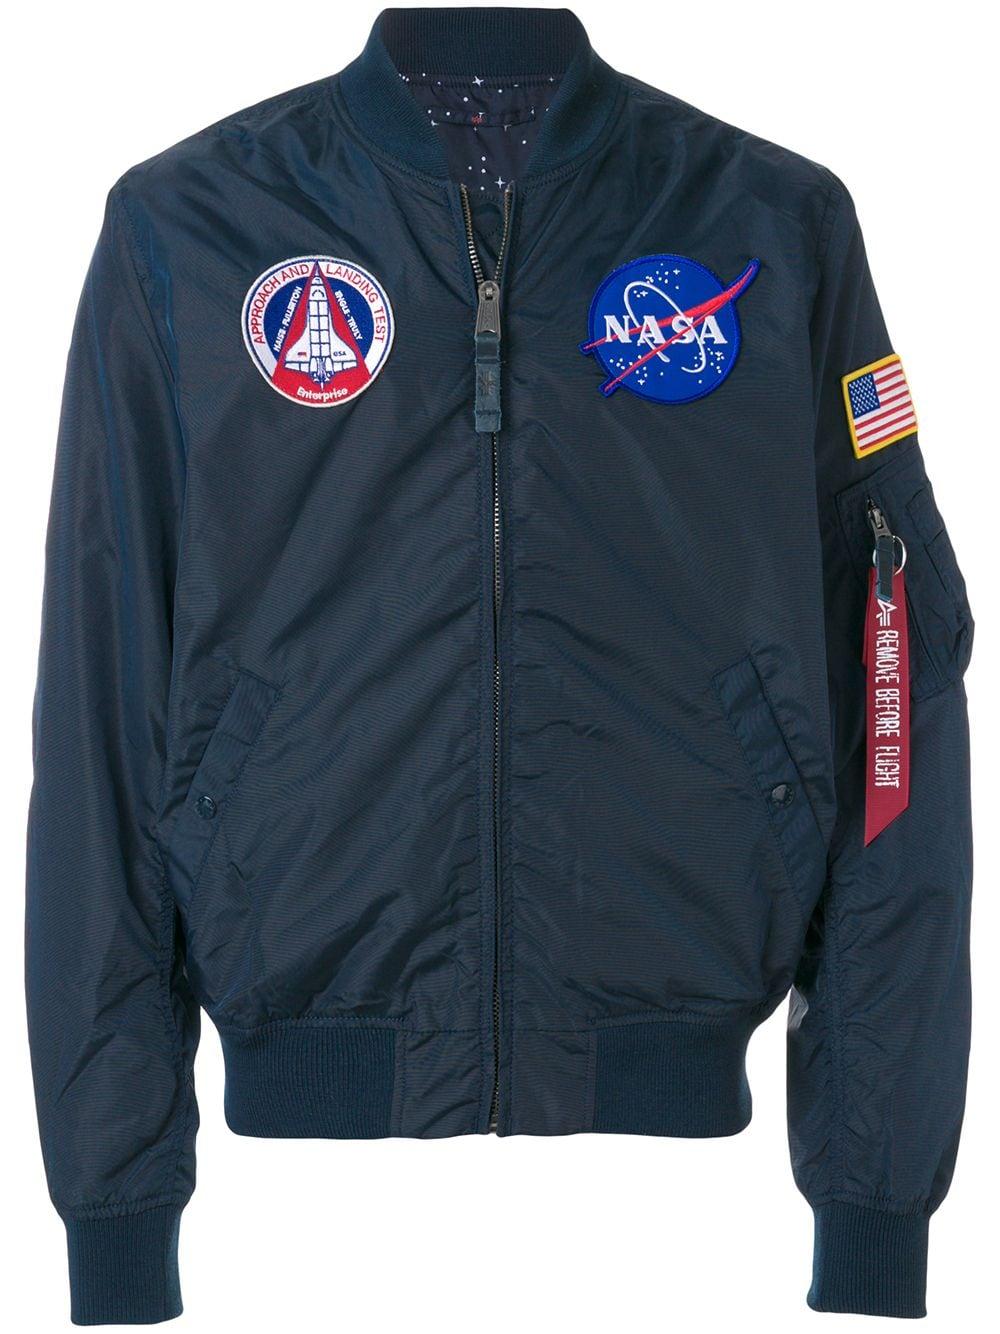 MA-1 TT NASA Reversible Bomber Jacket